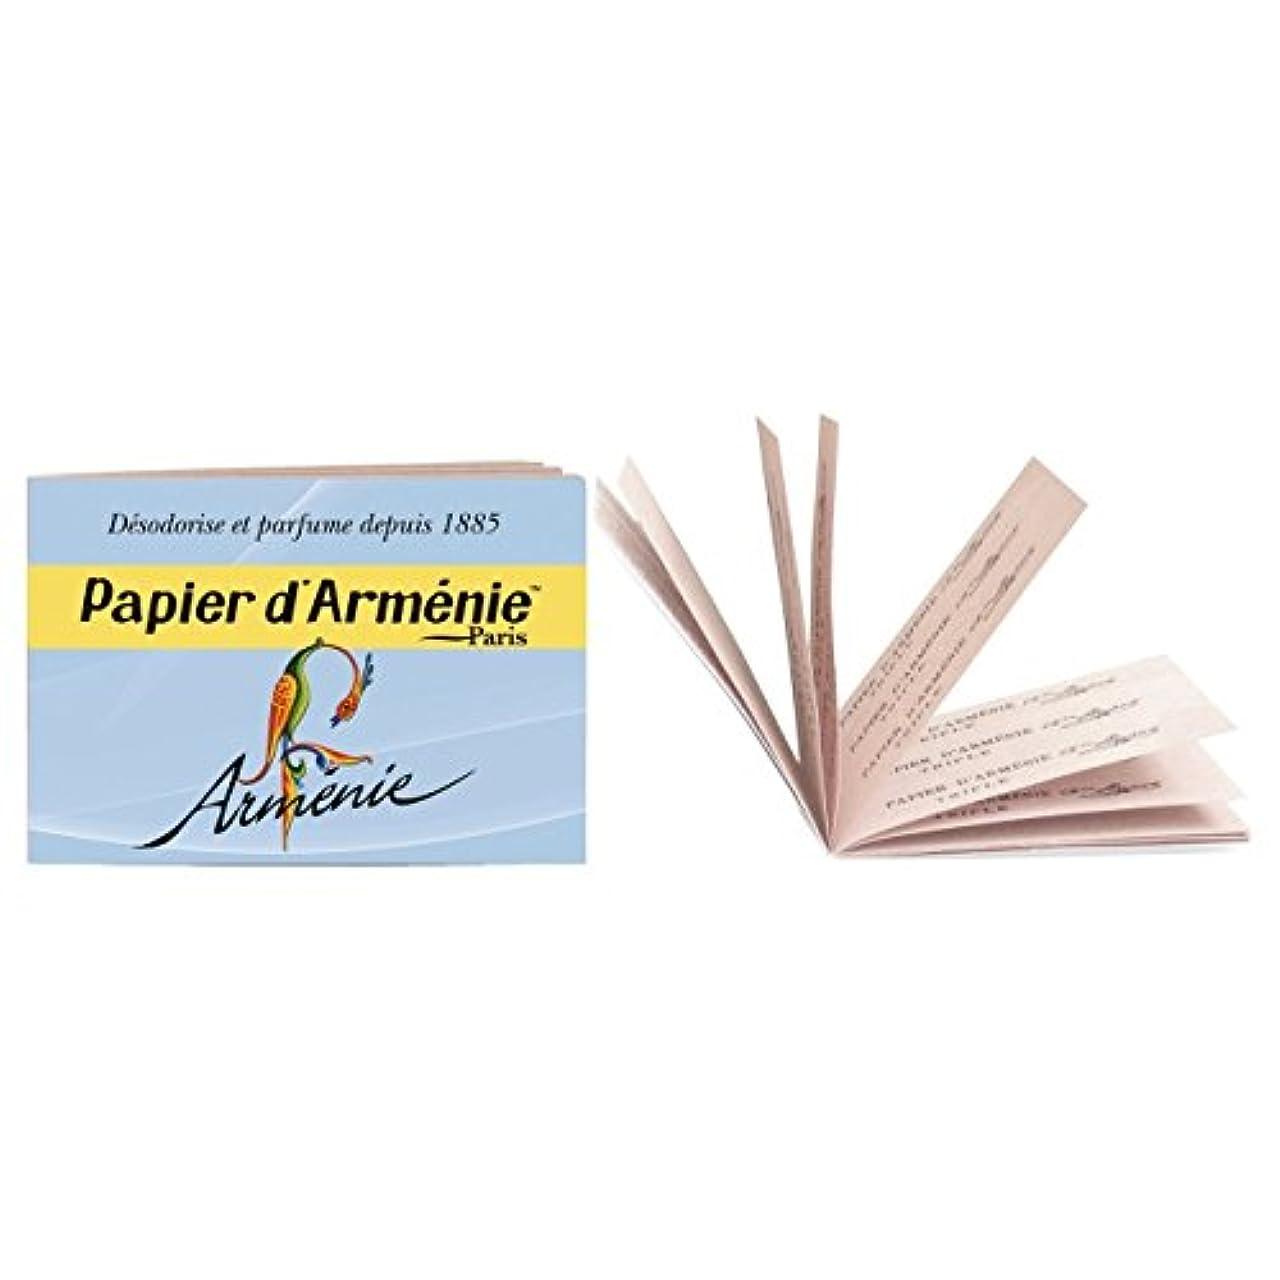 住人それに応じて光沢Papier d'Arménie パピエダルメニイ アルメニイ 紙のお香 フランス直送 [並行輸入品]